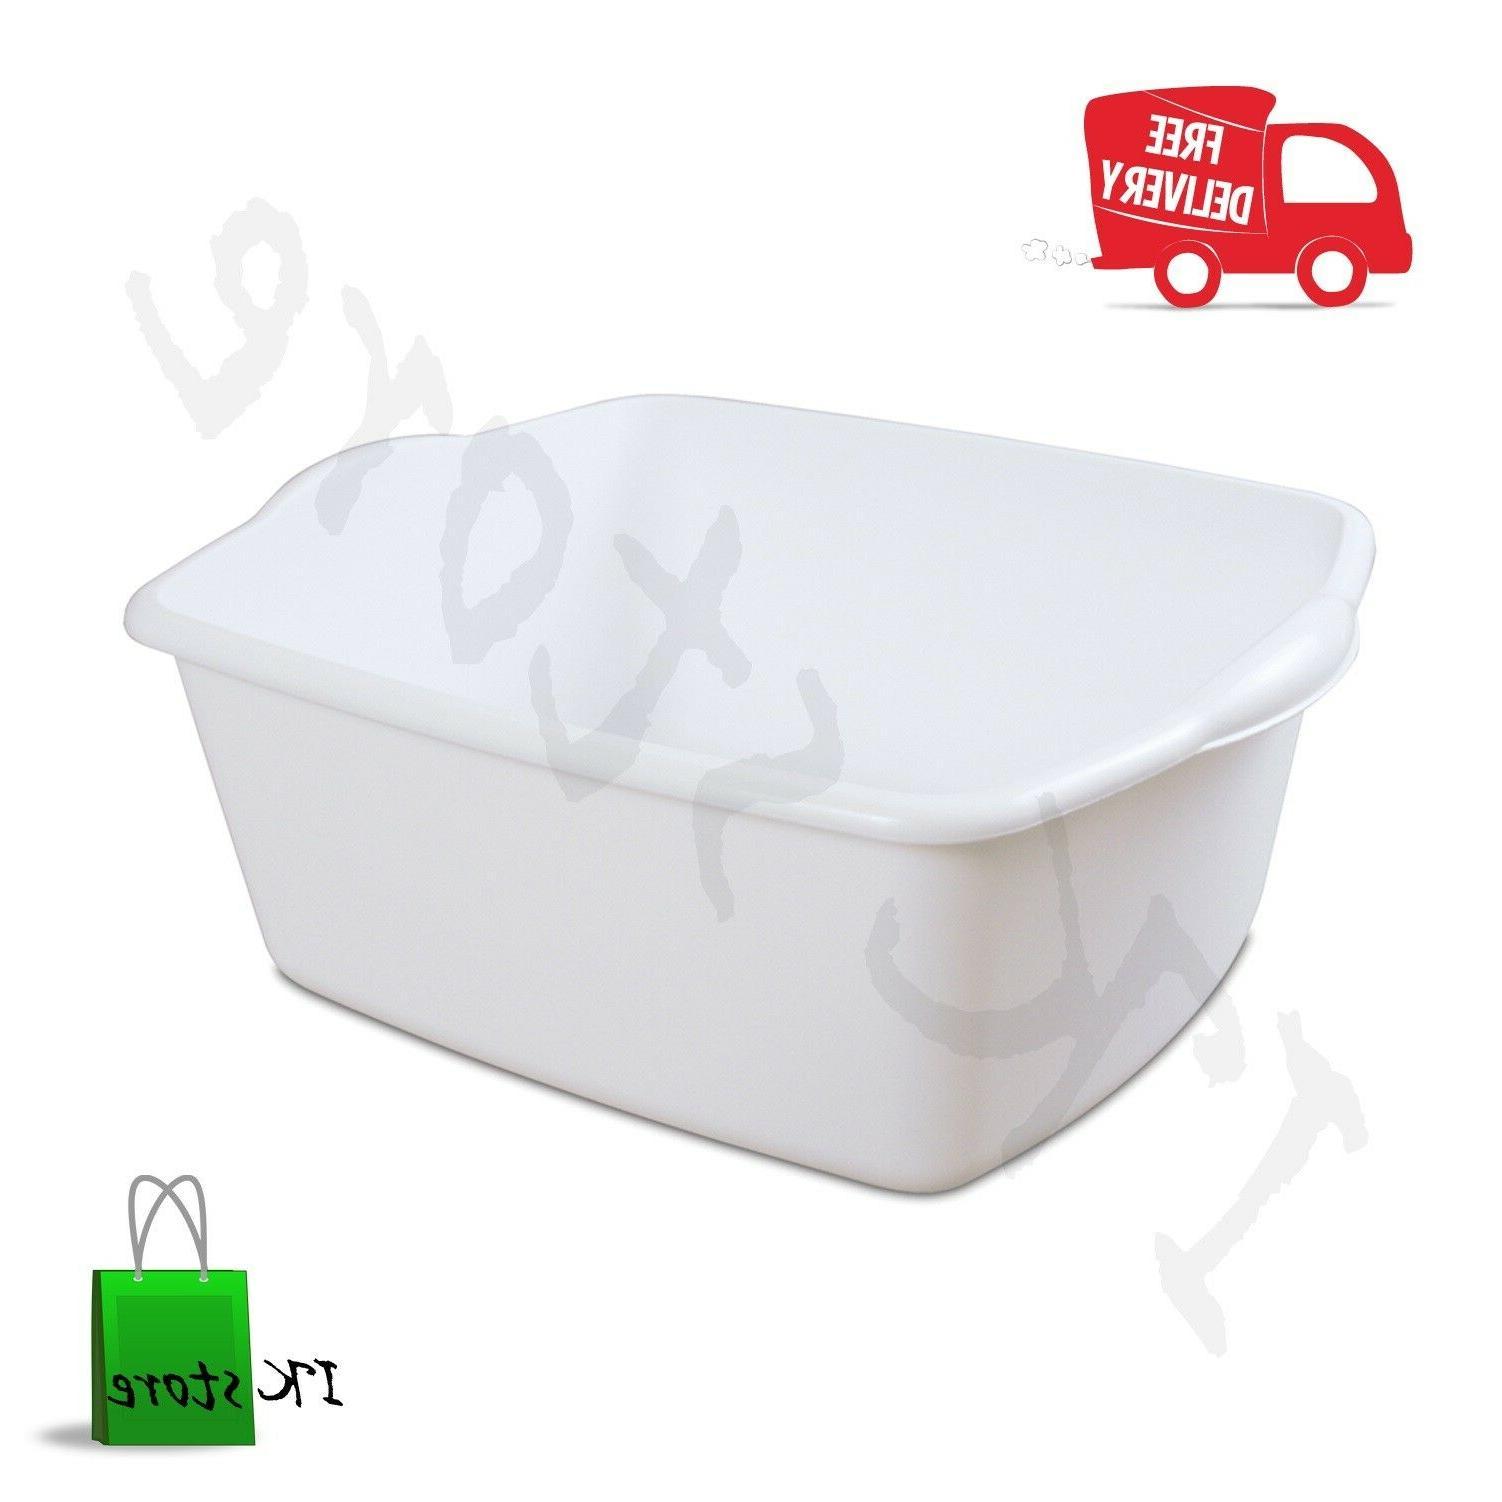 Sterilite Corporation Storage Box/Plastic Bin Container Wash